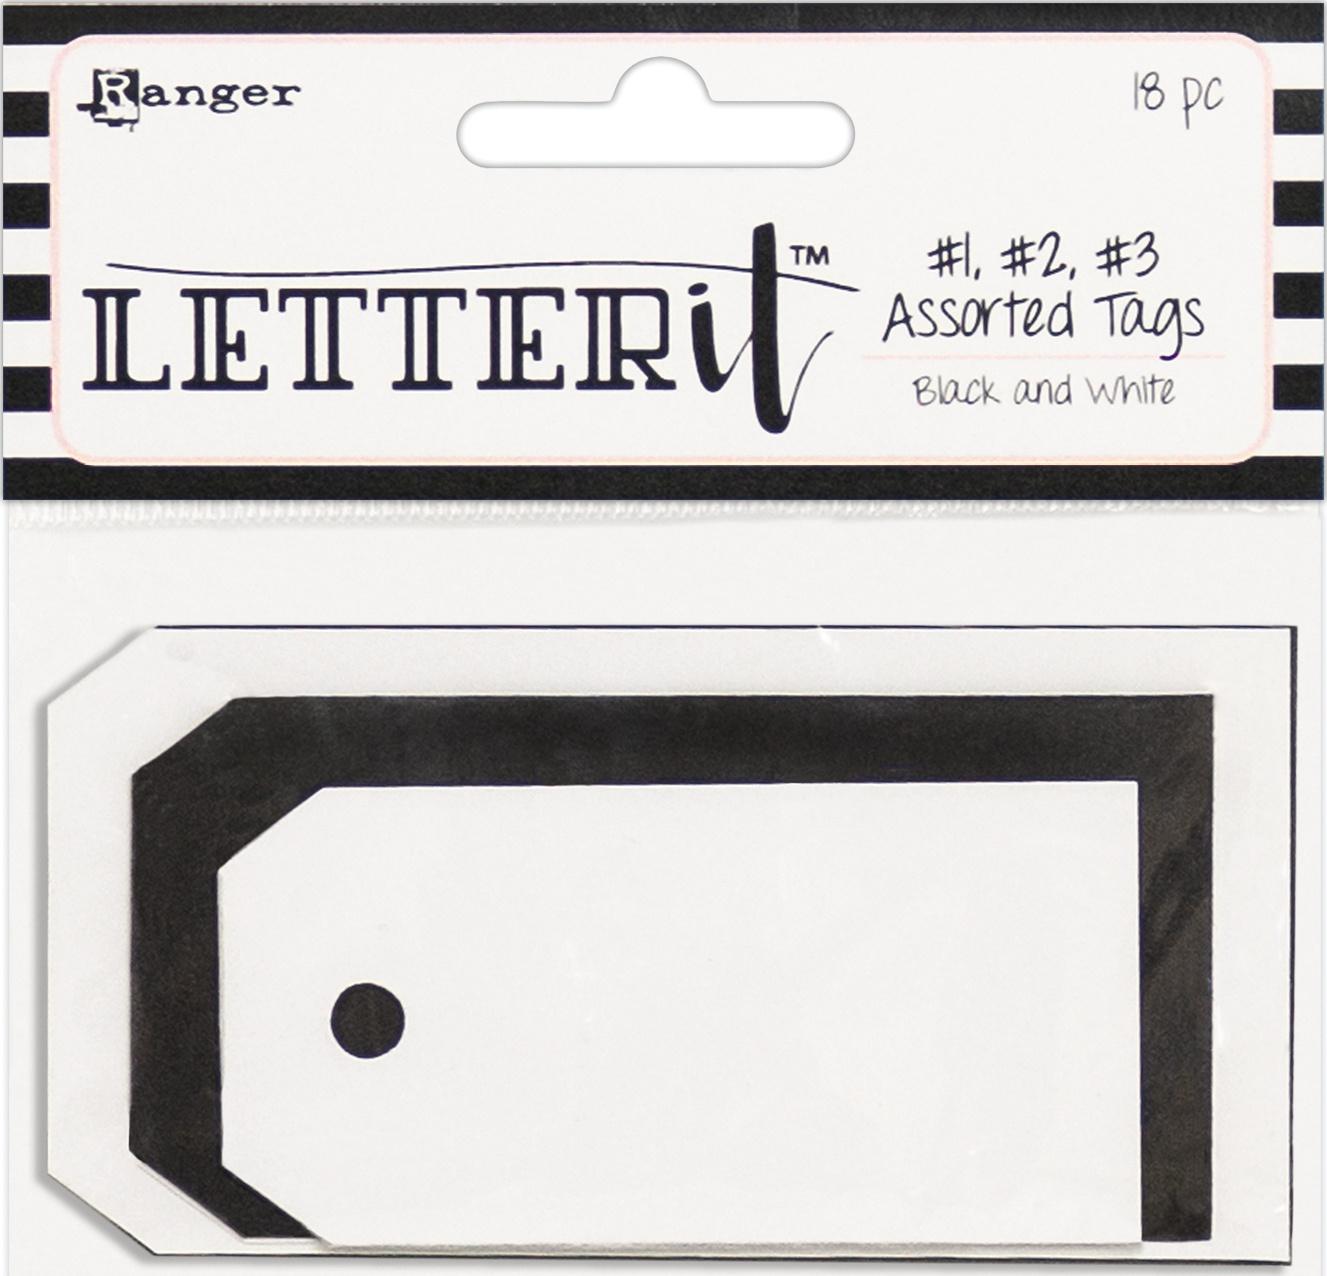 Ranger Letter It Tag Assortment 18/Pkg-3 Each Of #1, #2 & #3 Black & White